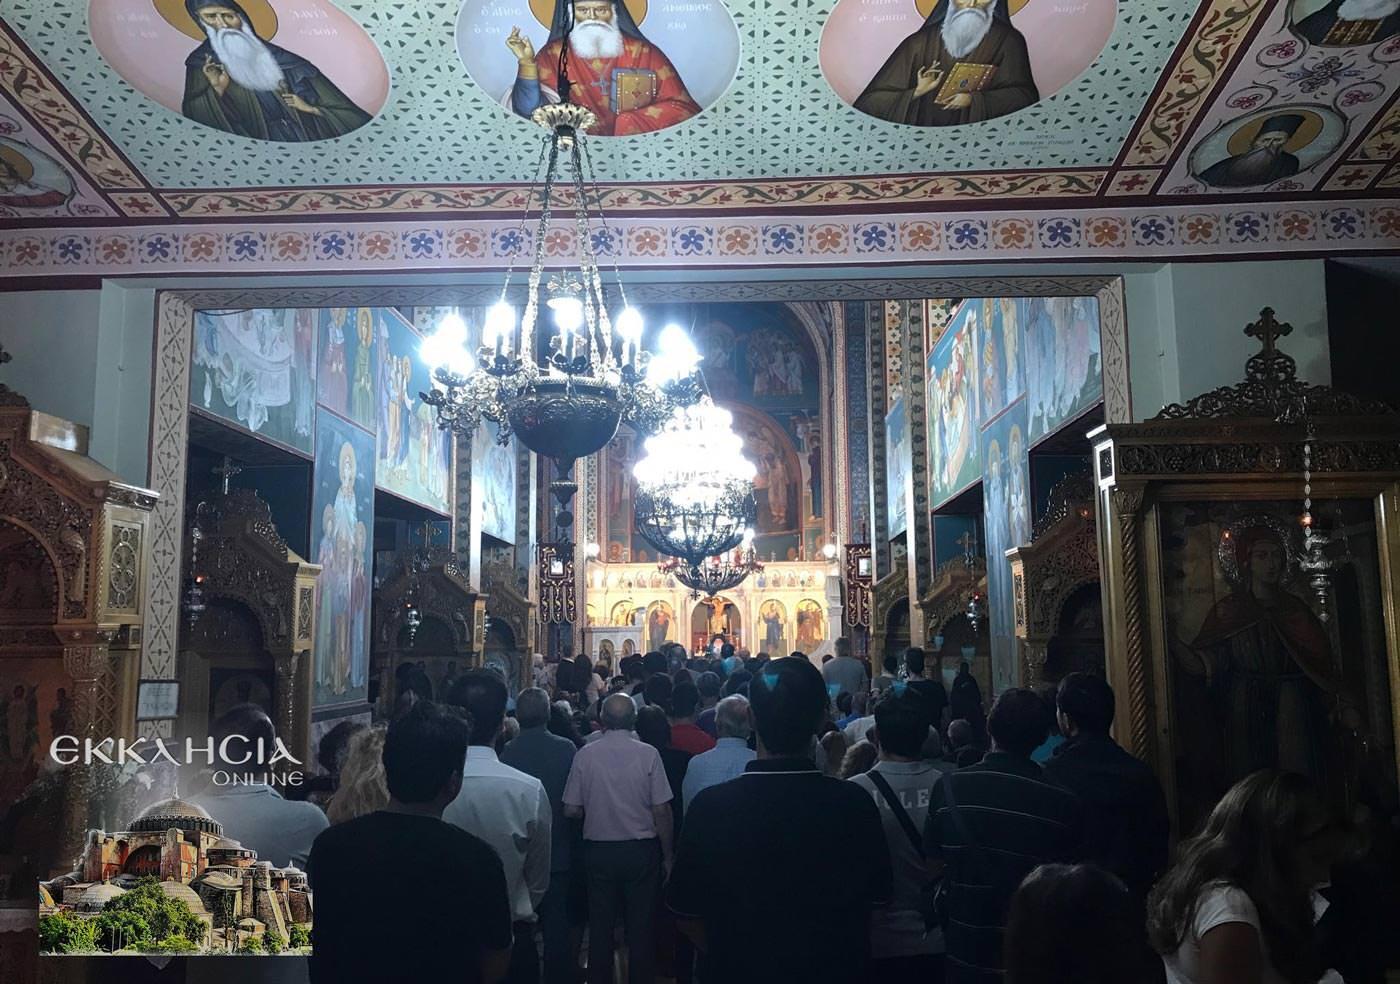 Ιερός Ναός Μεταμορφώσεως Σωτήρος Βύρωνας 2019